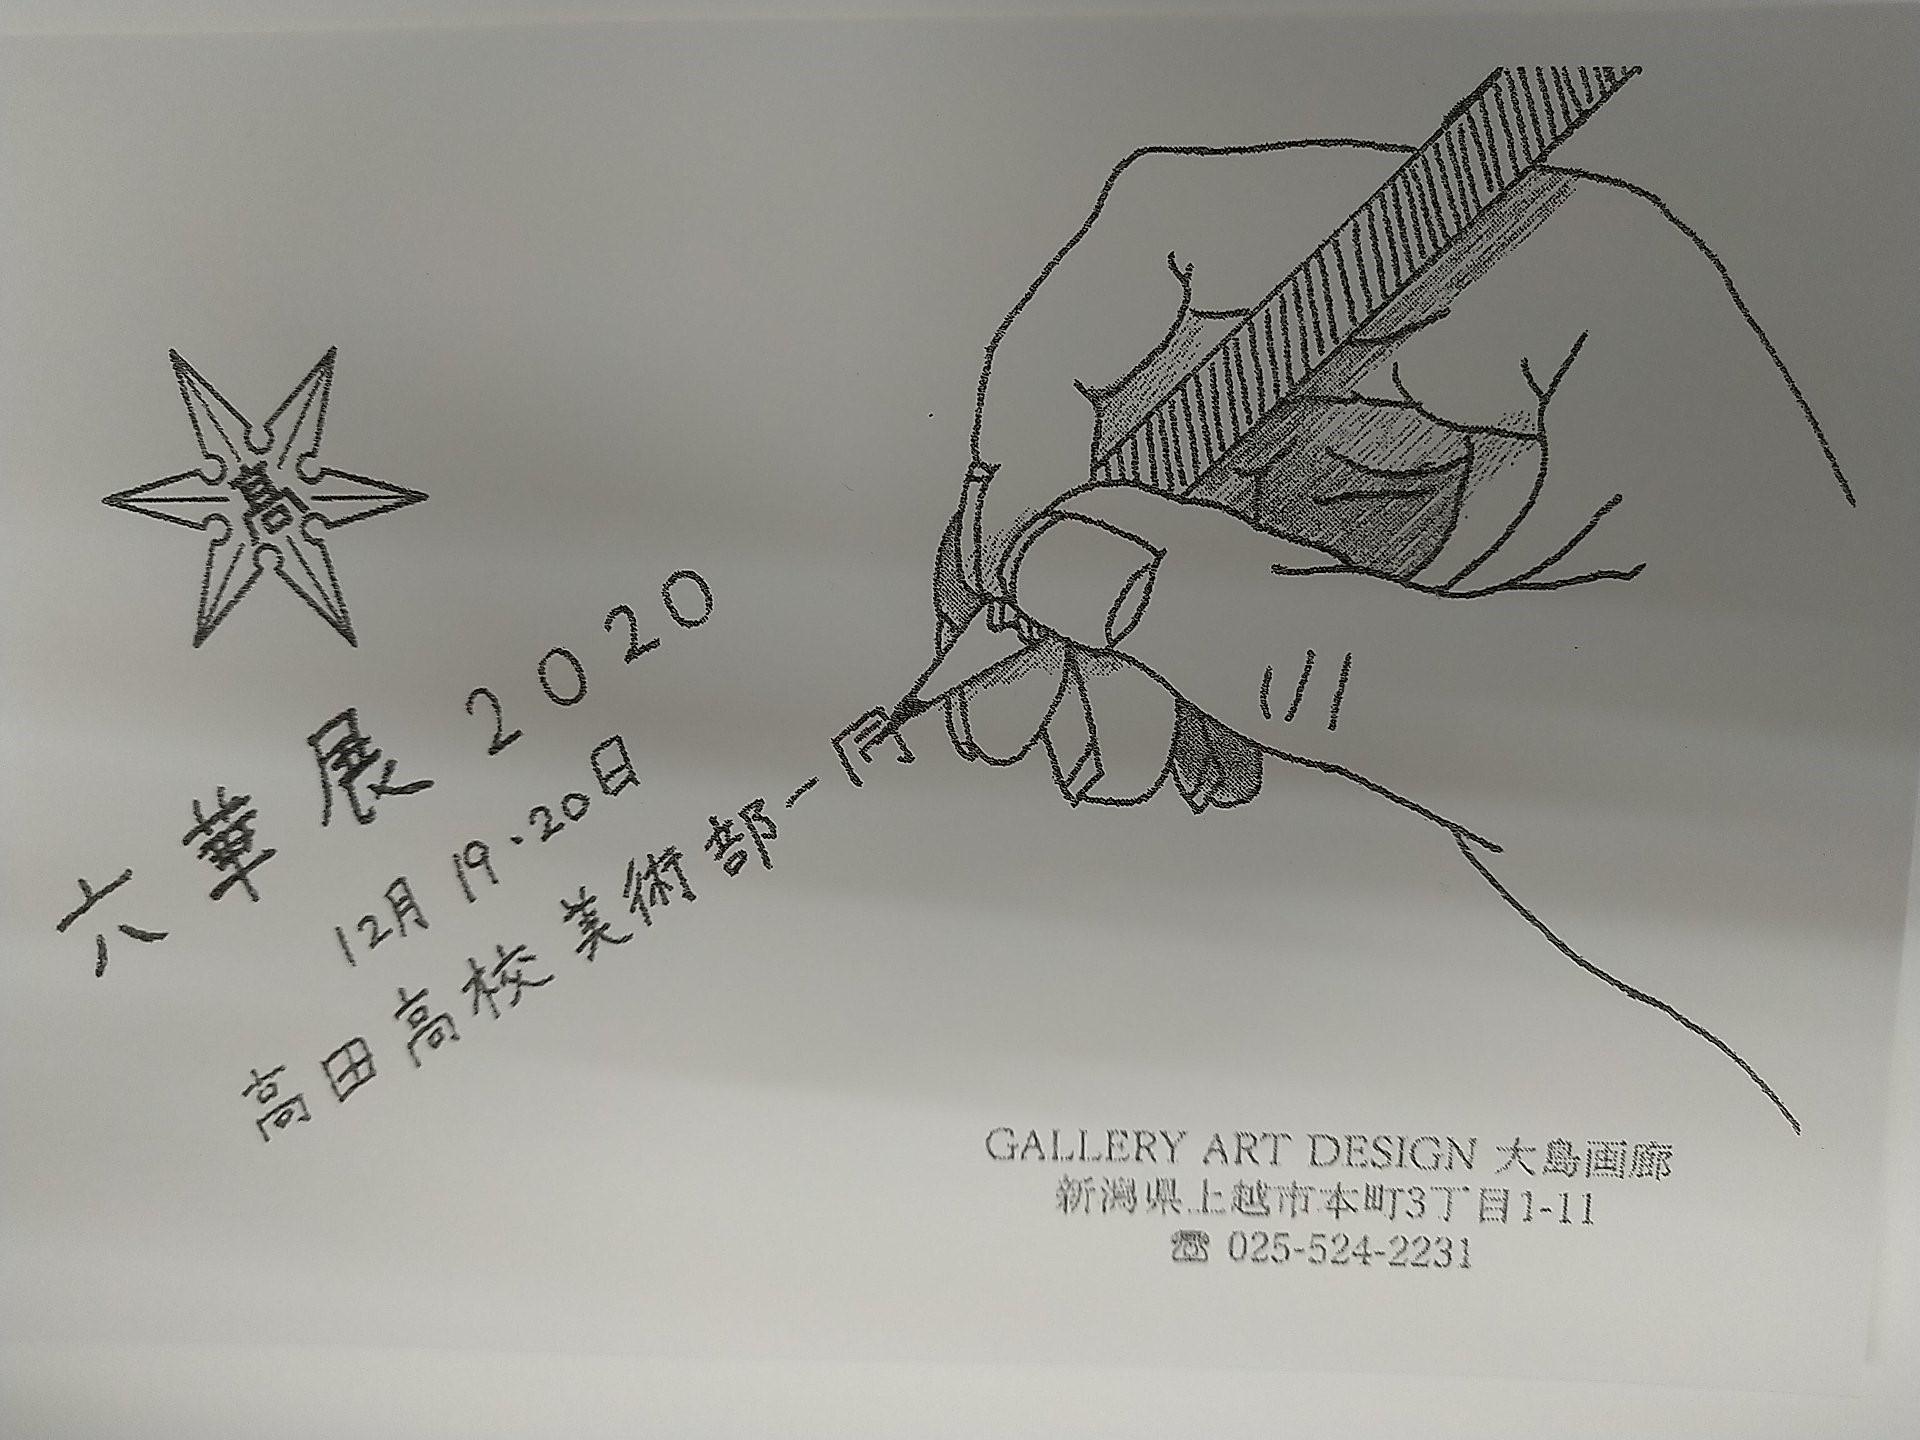 高田高校美術部展 「六華展」